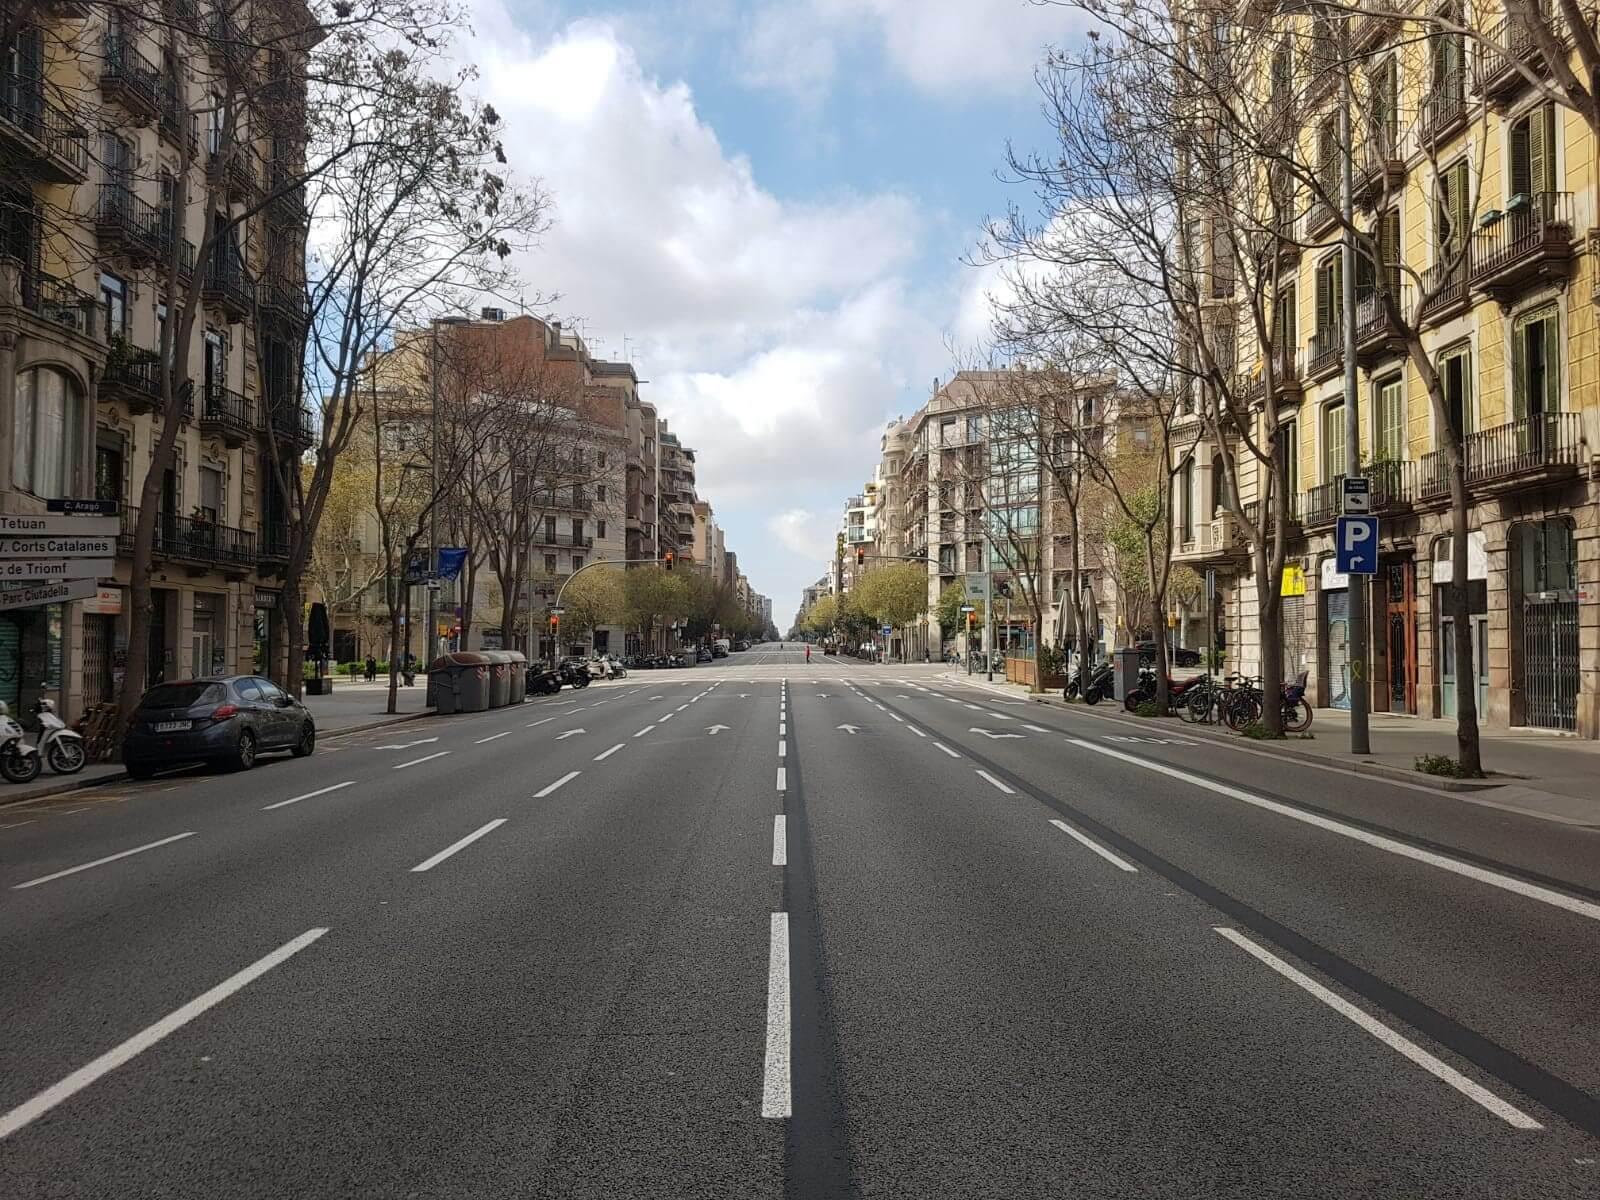 バルセロナ、ロックダウン(外出制限)生活